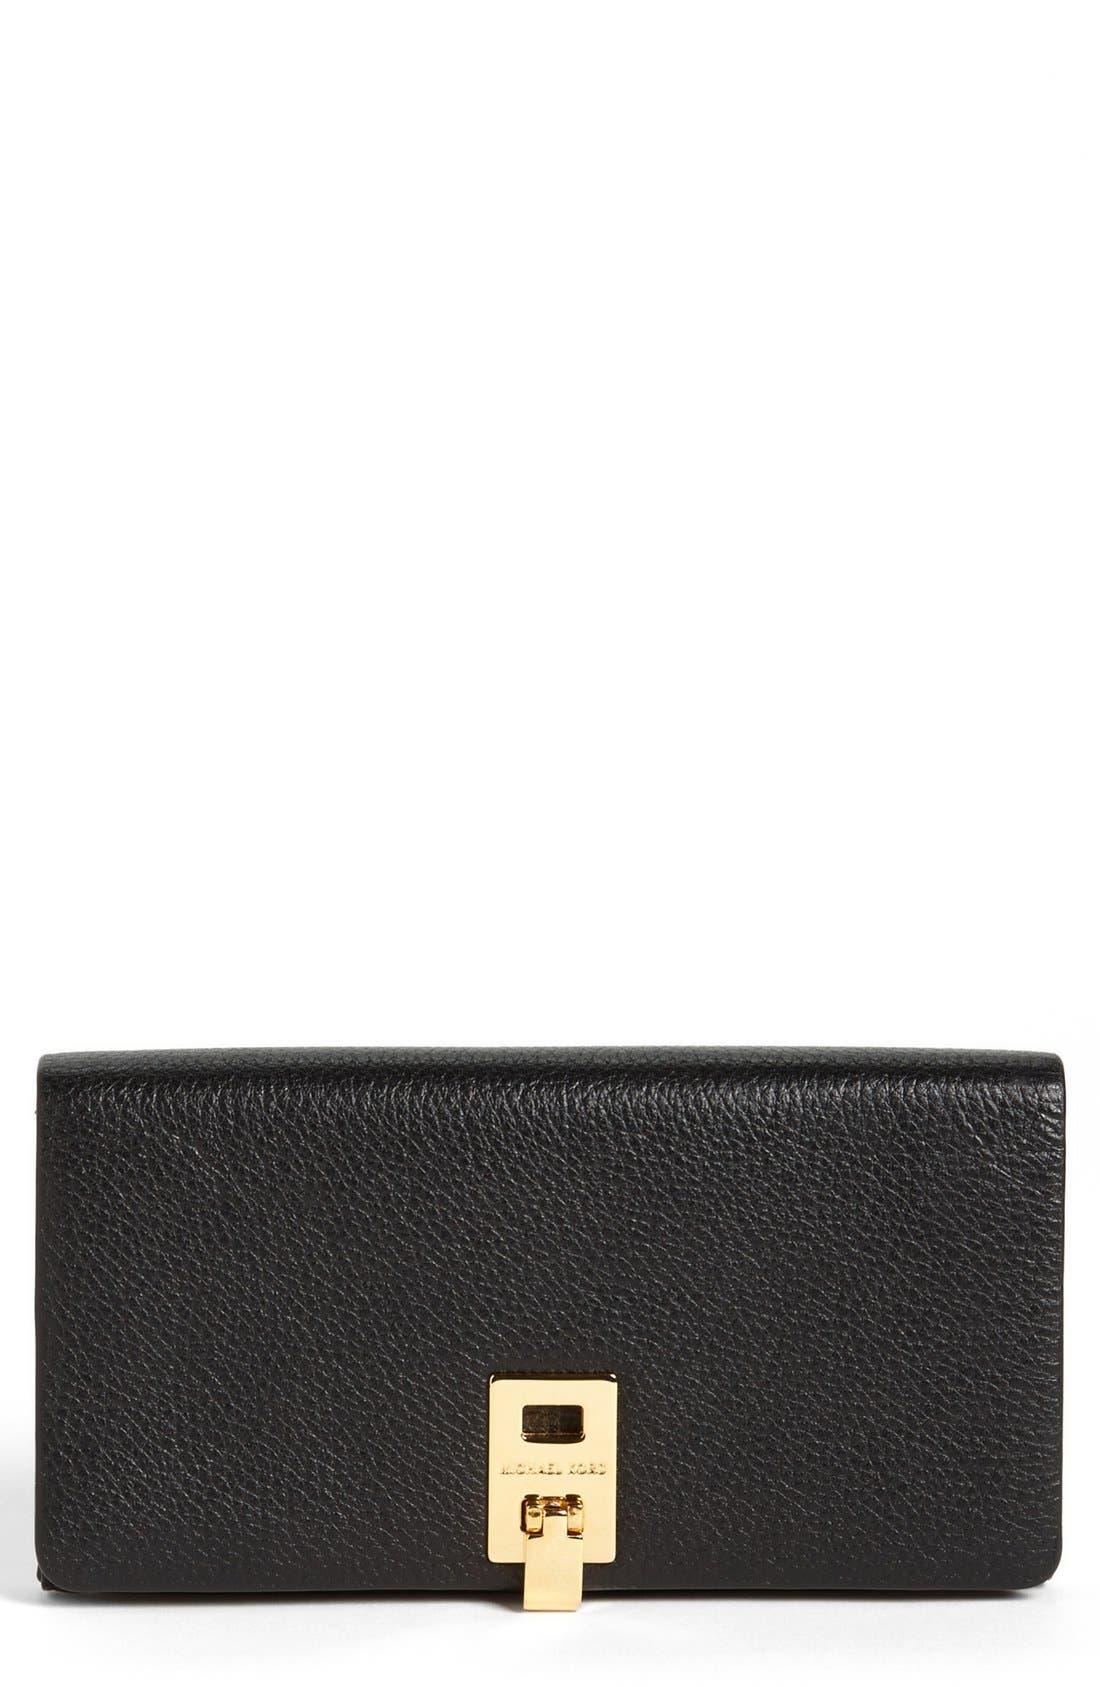 Main Image - Michael Kors 'Miranda' Continental Wallet